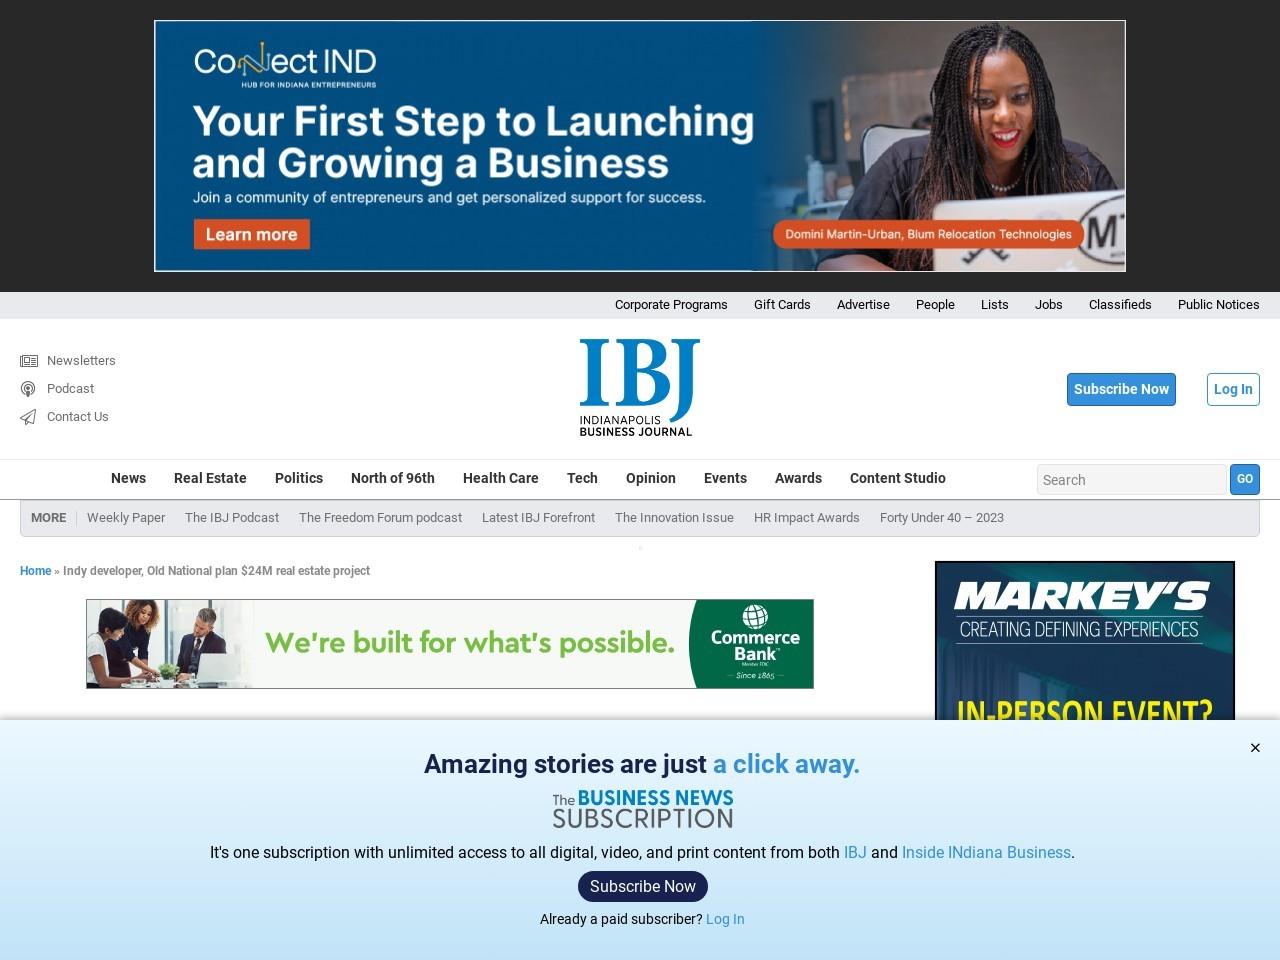 Indy developer, Old National plan $24M real estate project